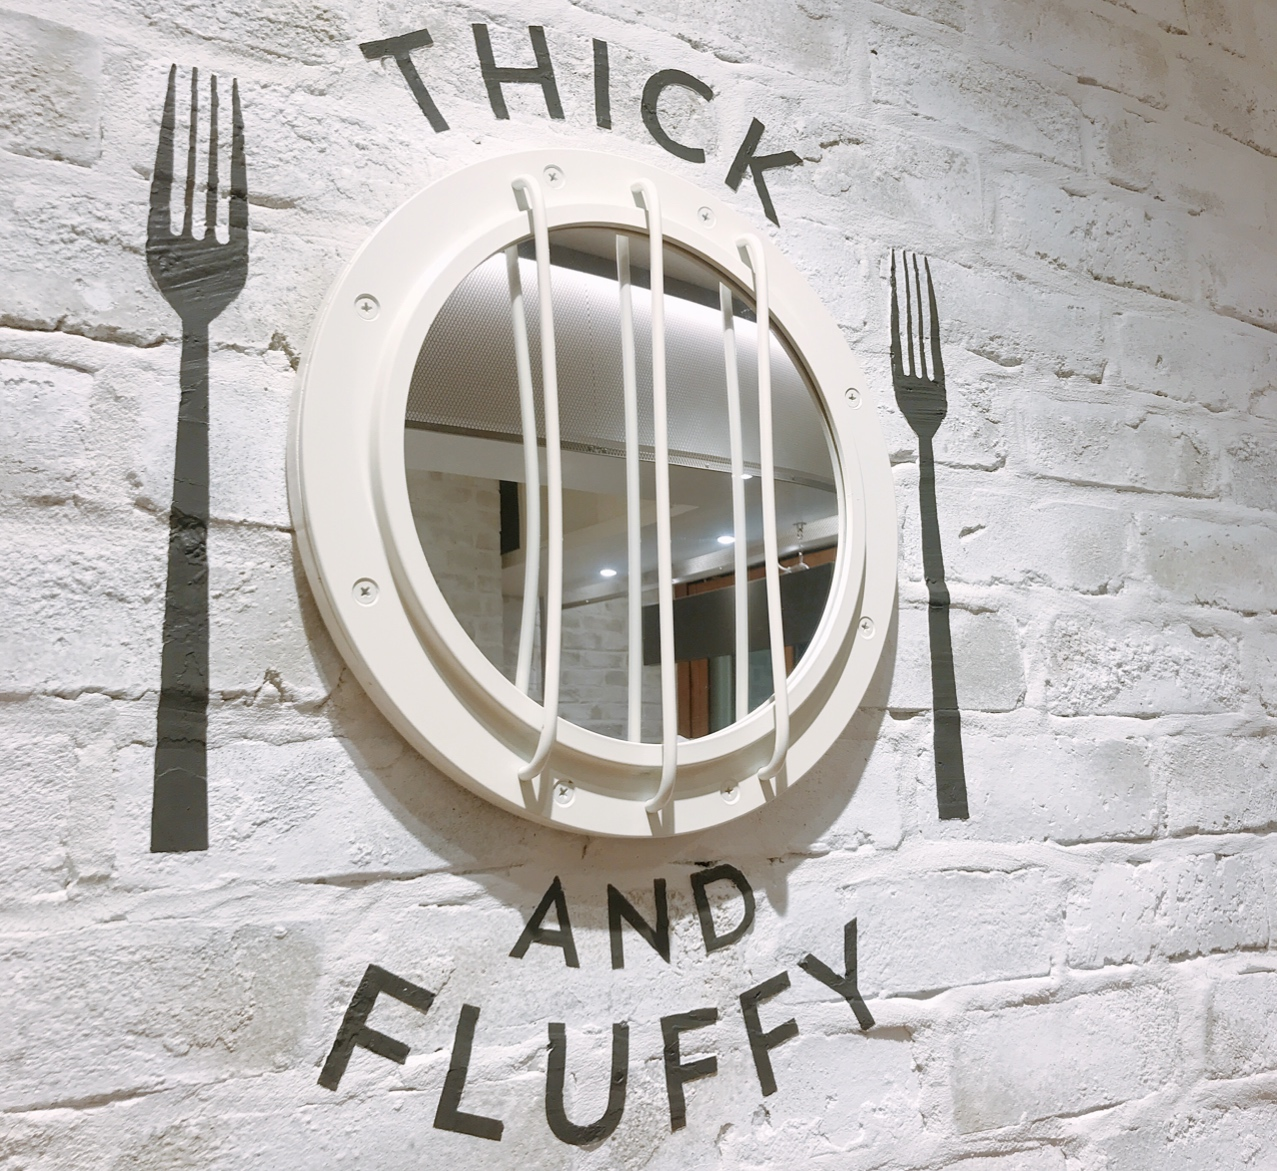 FLIPPER'S(フリッパーズ)の《平成最後の奇跡のパンケーキ》って!?_1